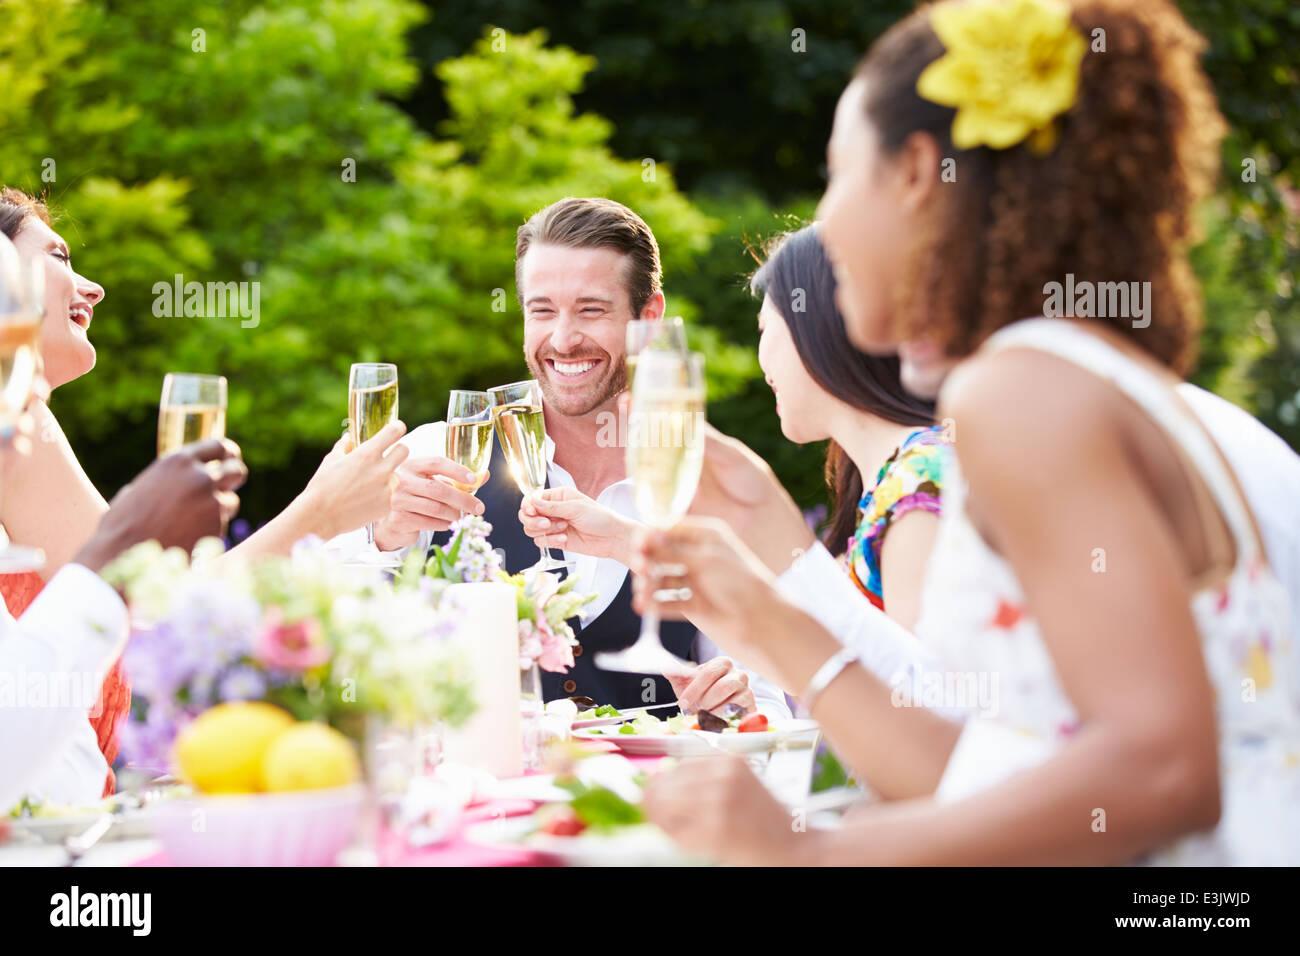 Gruppe von Freunden genießen Outdoor-Dinner-Party Stockbild